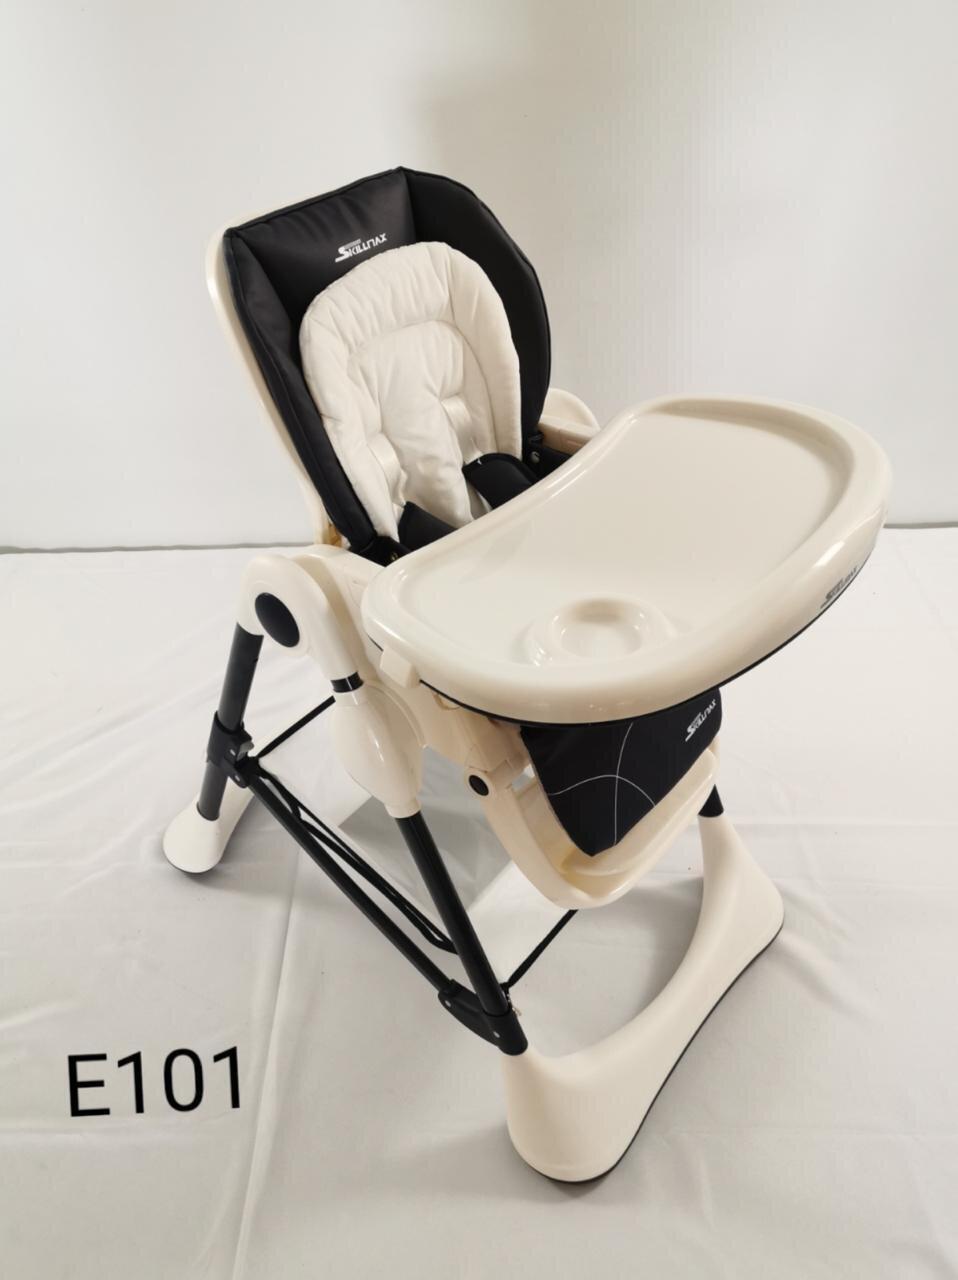 Детский стульчик для кормления Teknum E-101,black